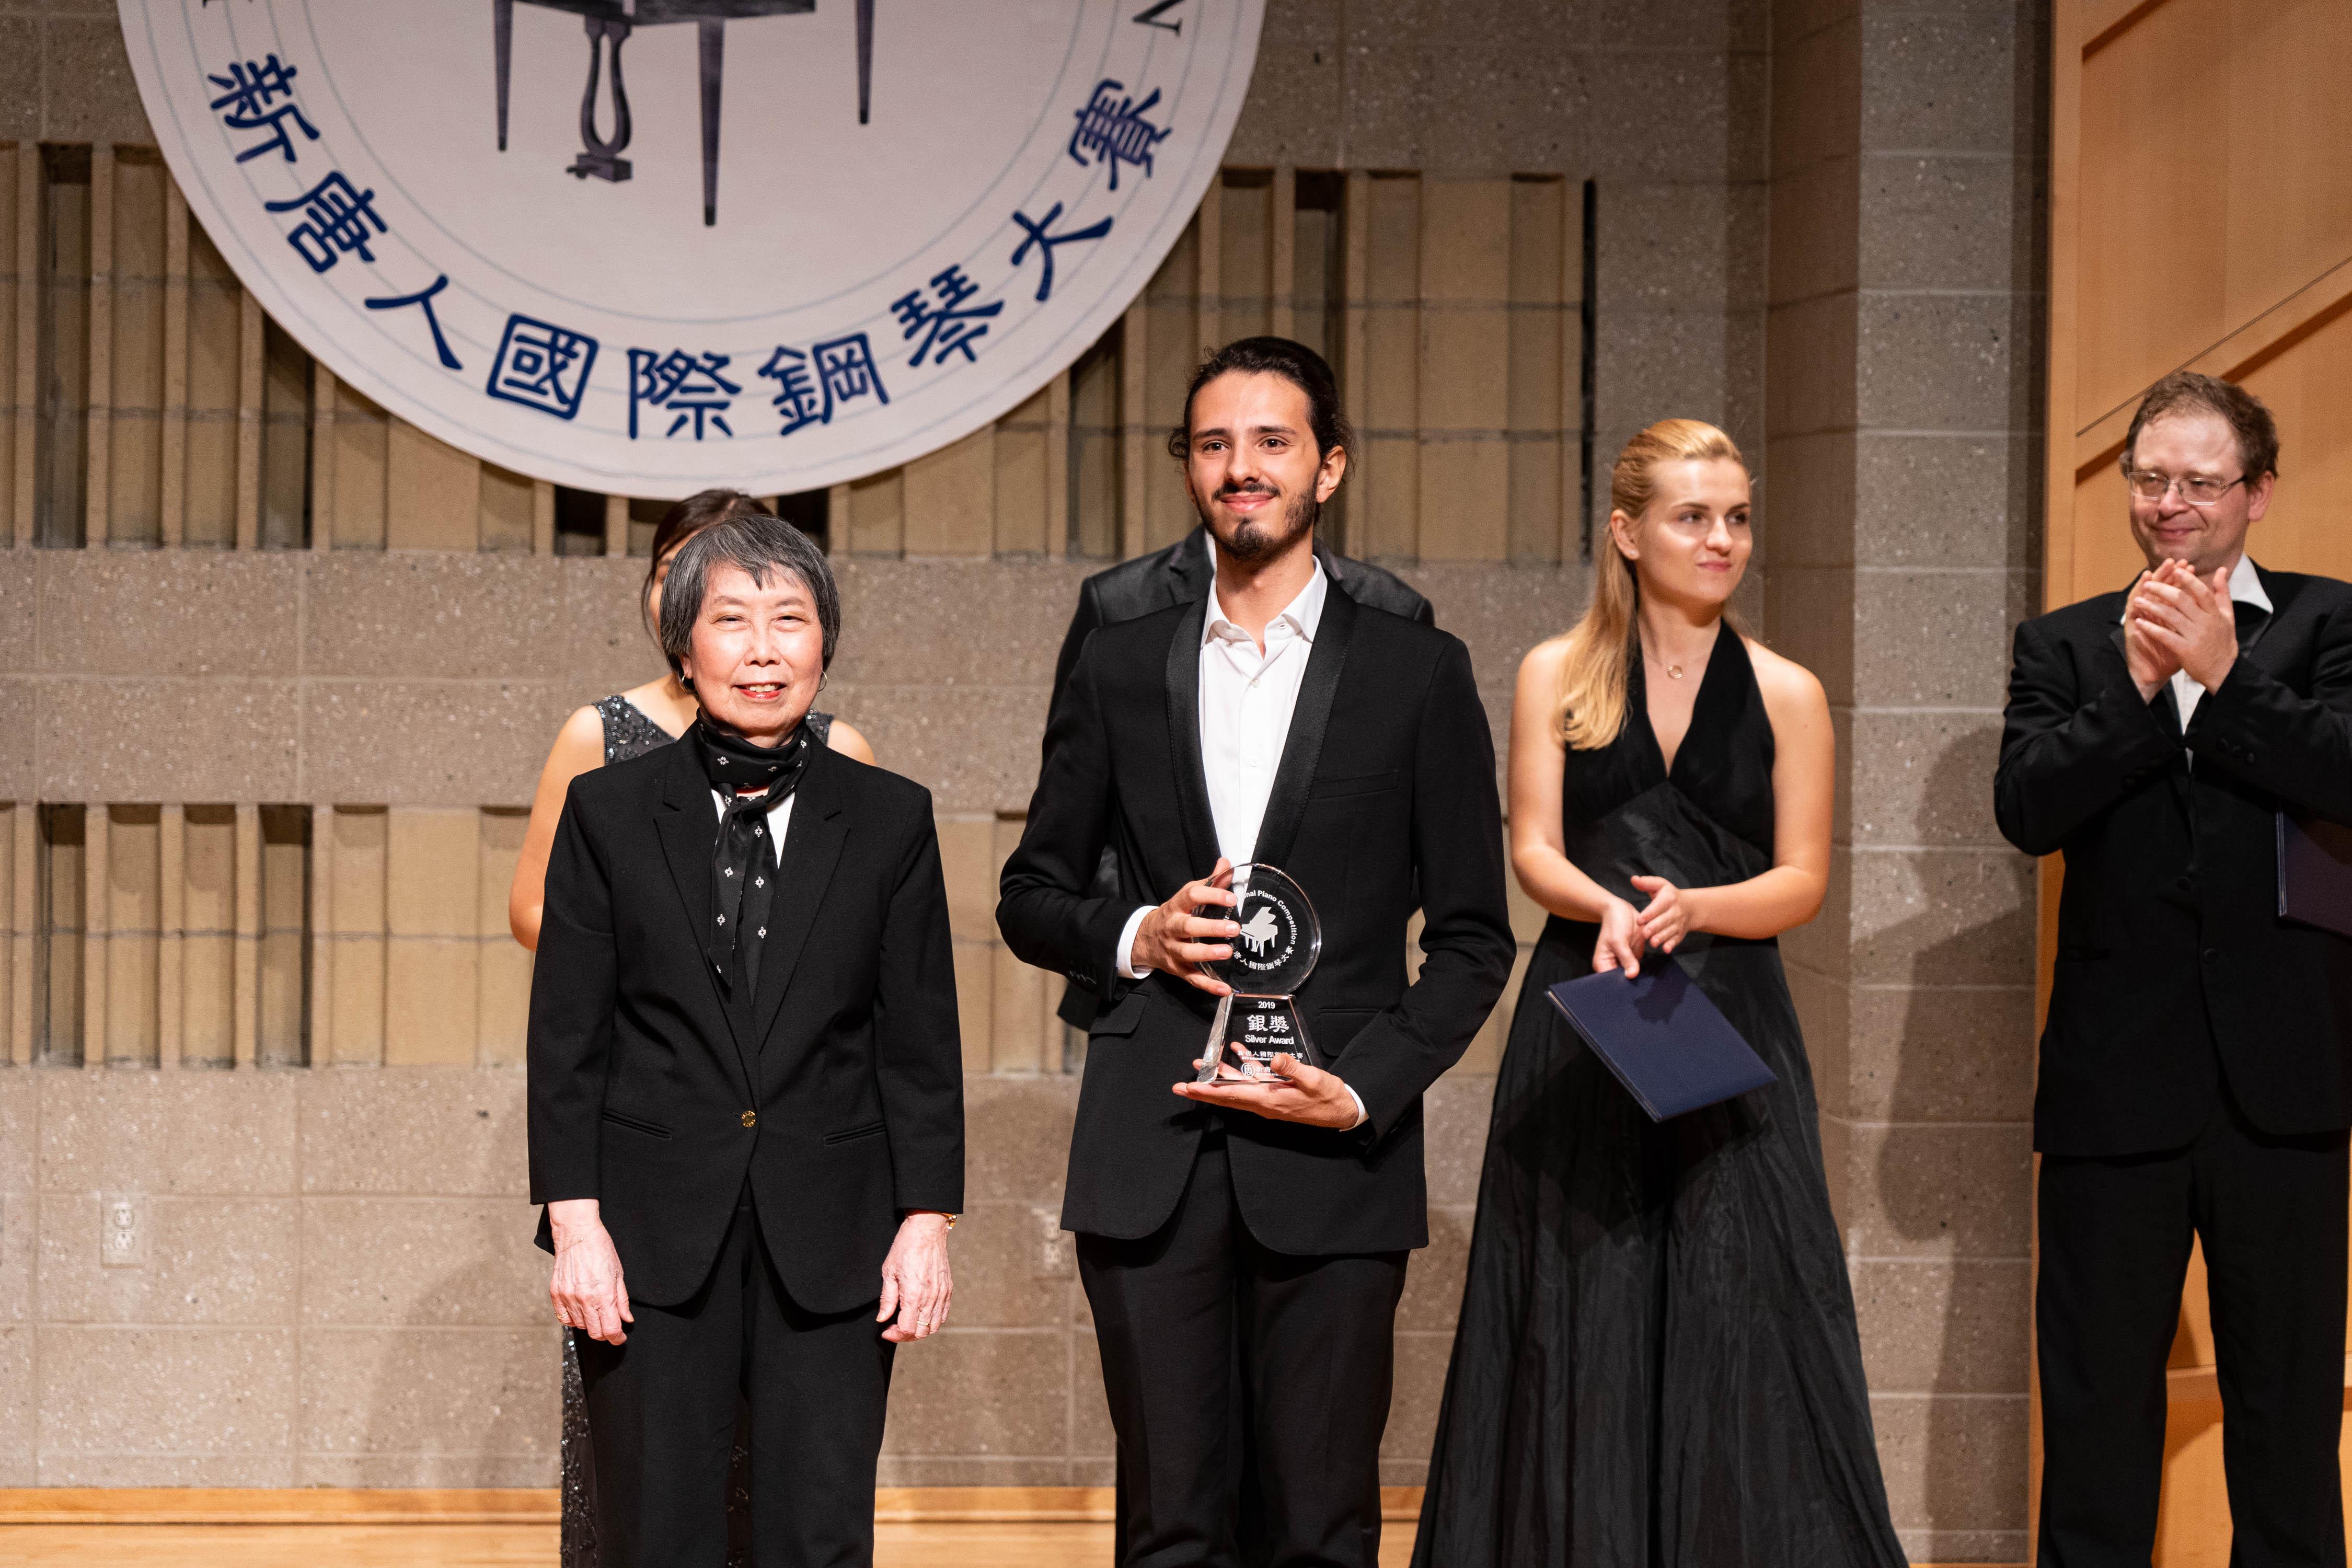 2019年9月28日,第五屆新唐人國際鋼琴大賽獲獎名單揭曉,本次大賽評委會主席姚妼姬教授(左一)向銀獎得主基阿科米利(Nicolas Giacomelli)頒發獎盃。(戴兵/大紀元)